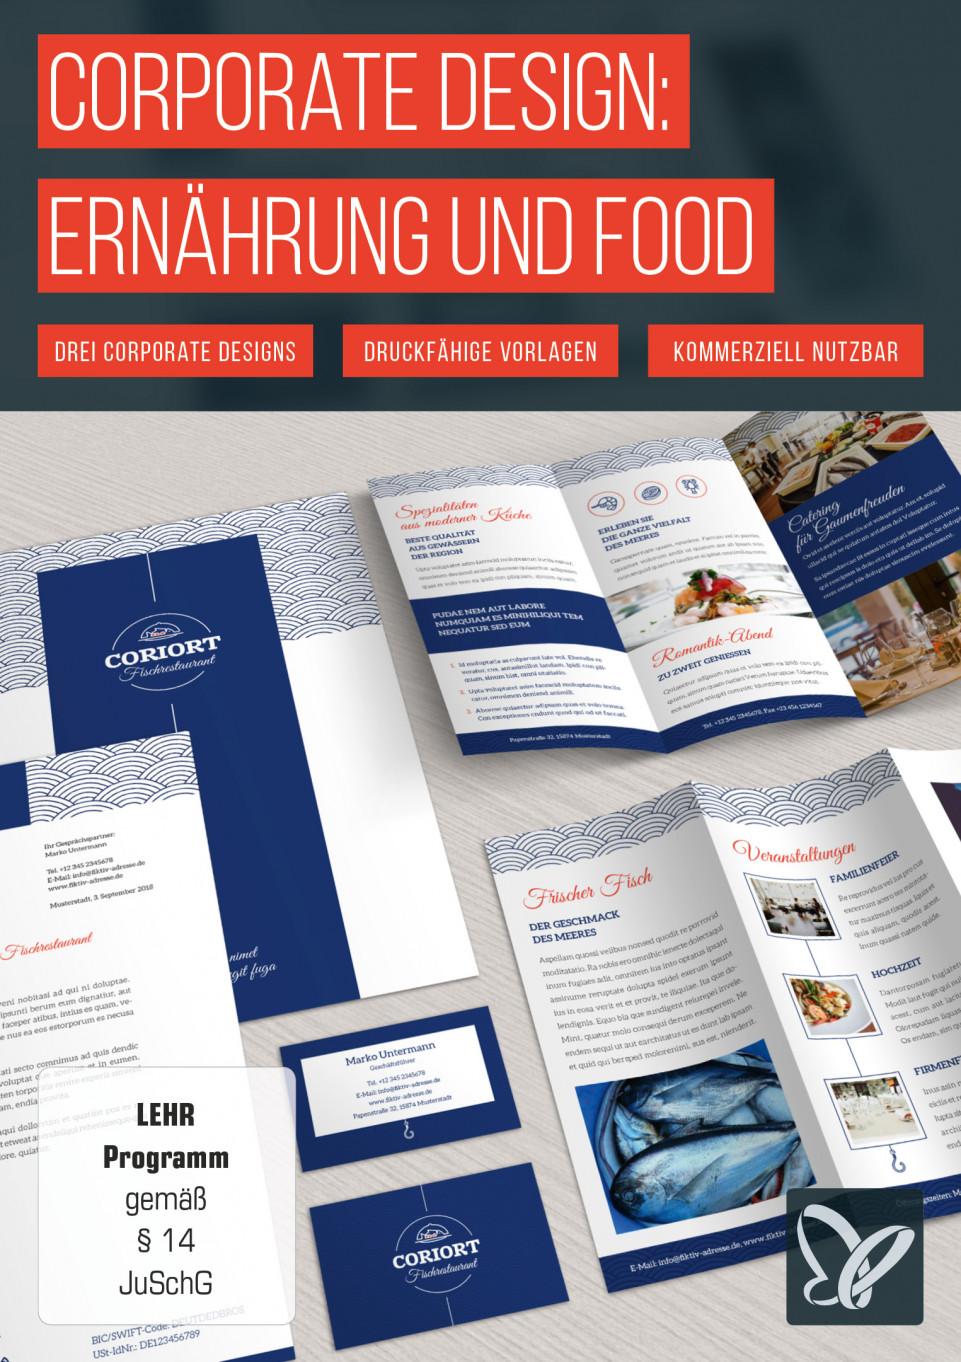 Corporate Design – die Komplettausstattung für Ernährung und Food